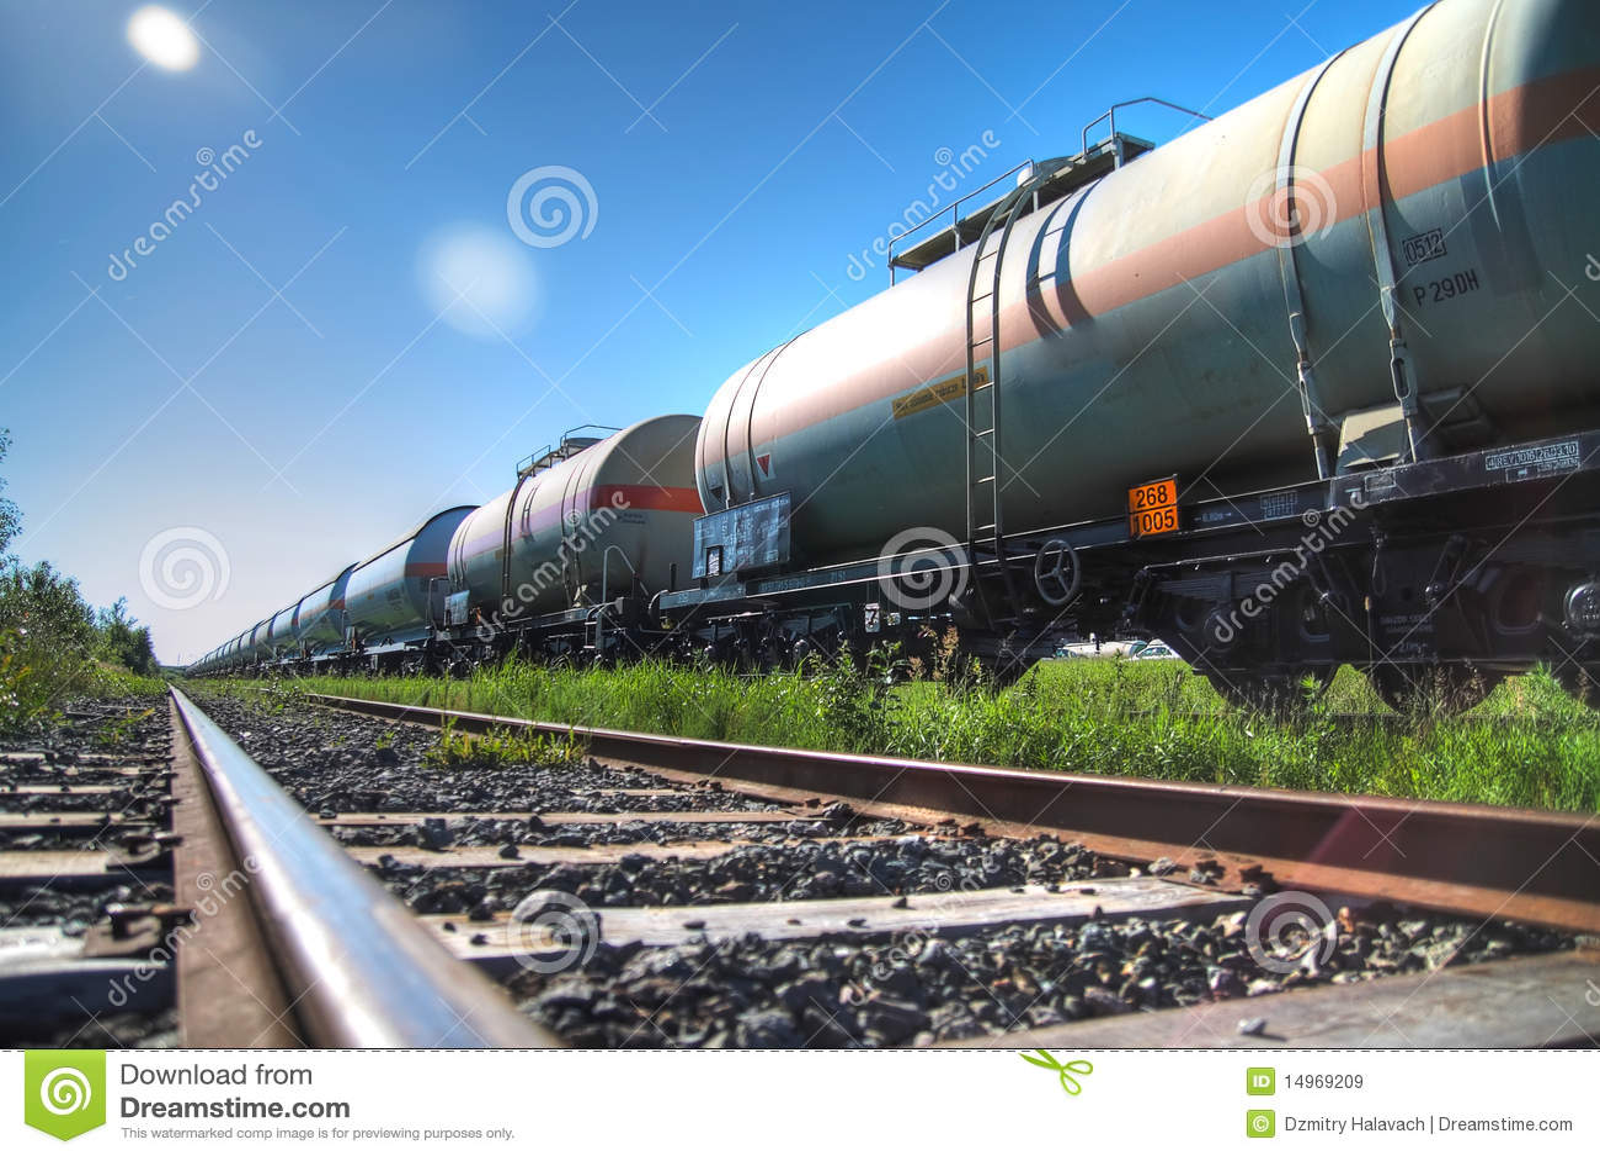 Die lys van goedere wat verpligte vervanging instandhouding en beskerming in transito